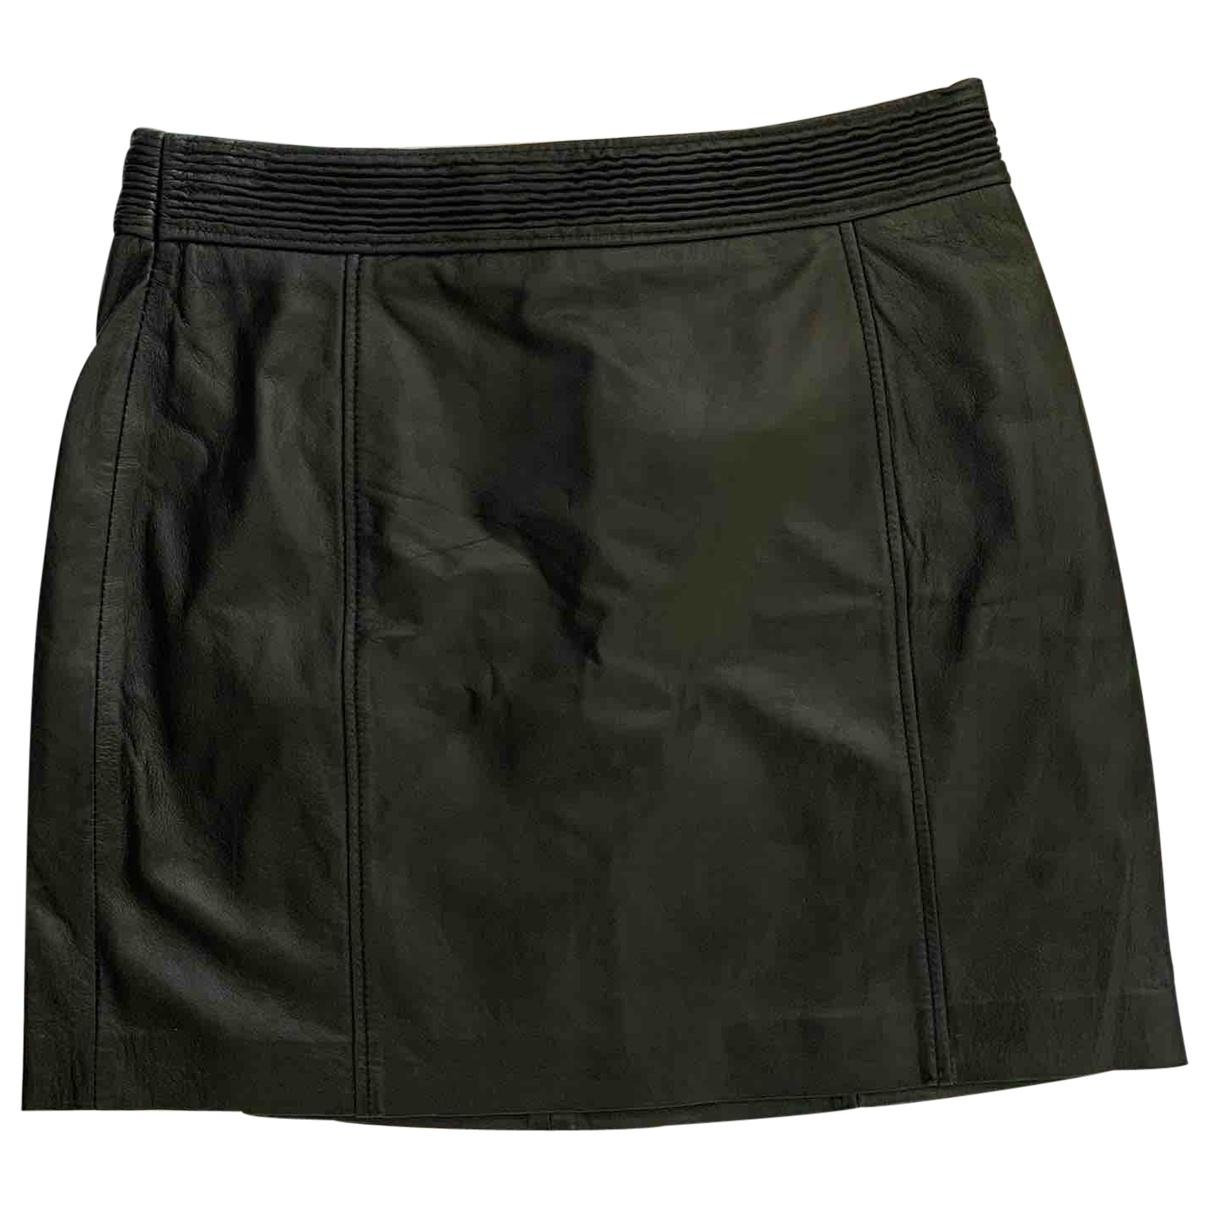 Mango \N Black Leather skirt for Women 42 FR